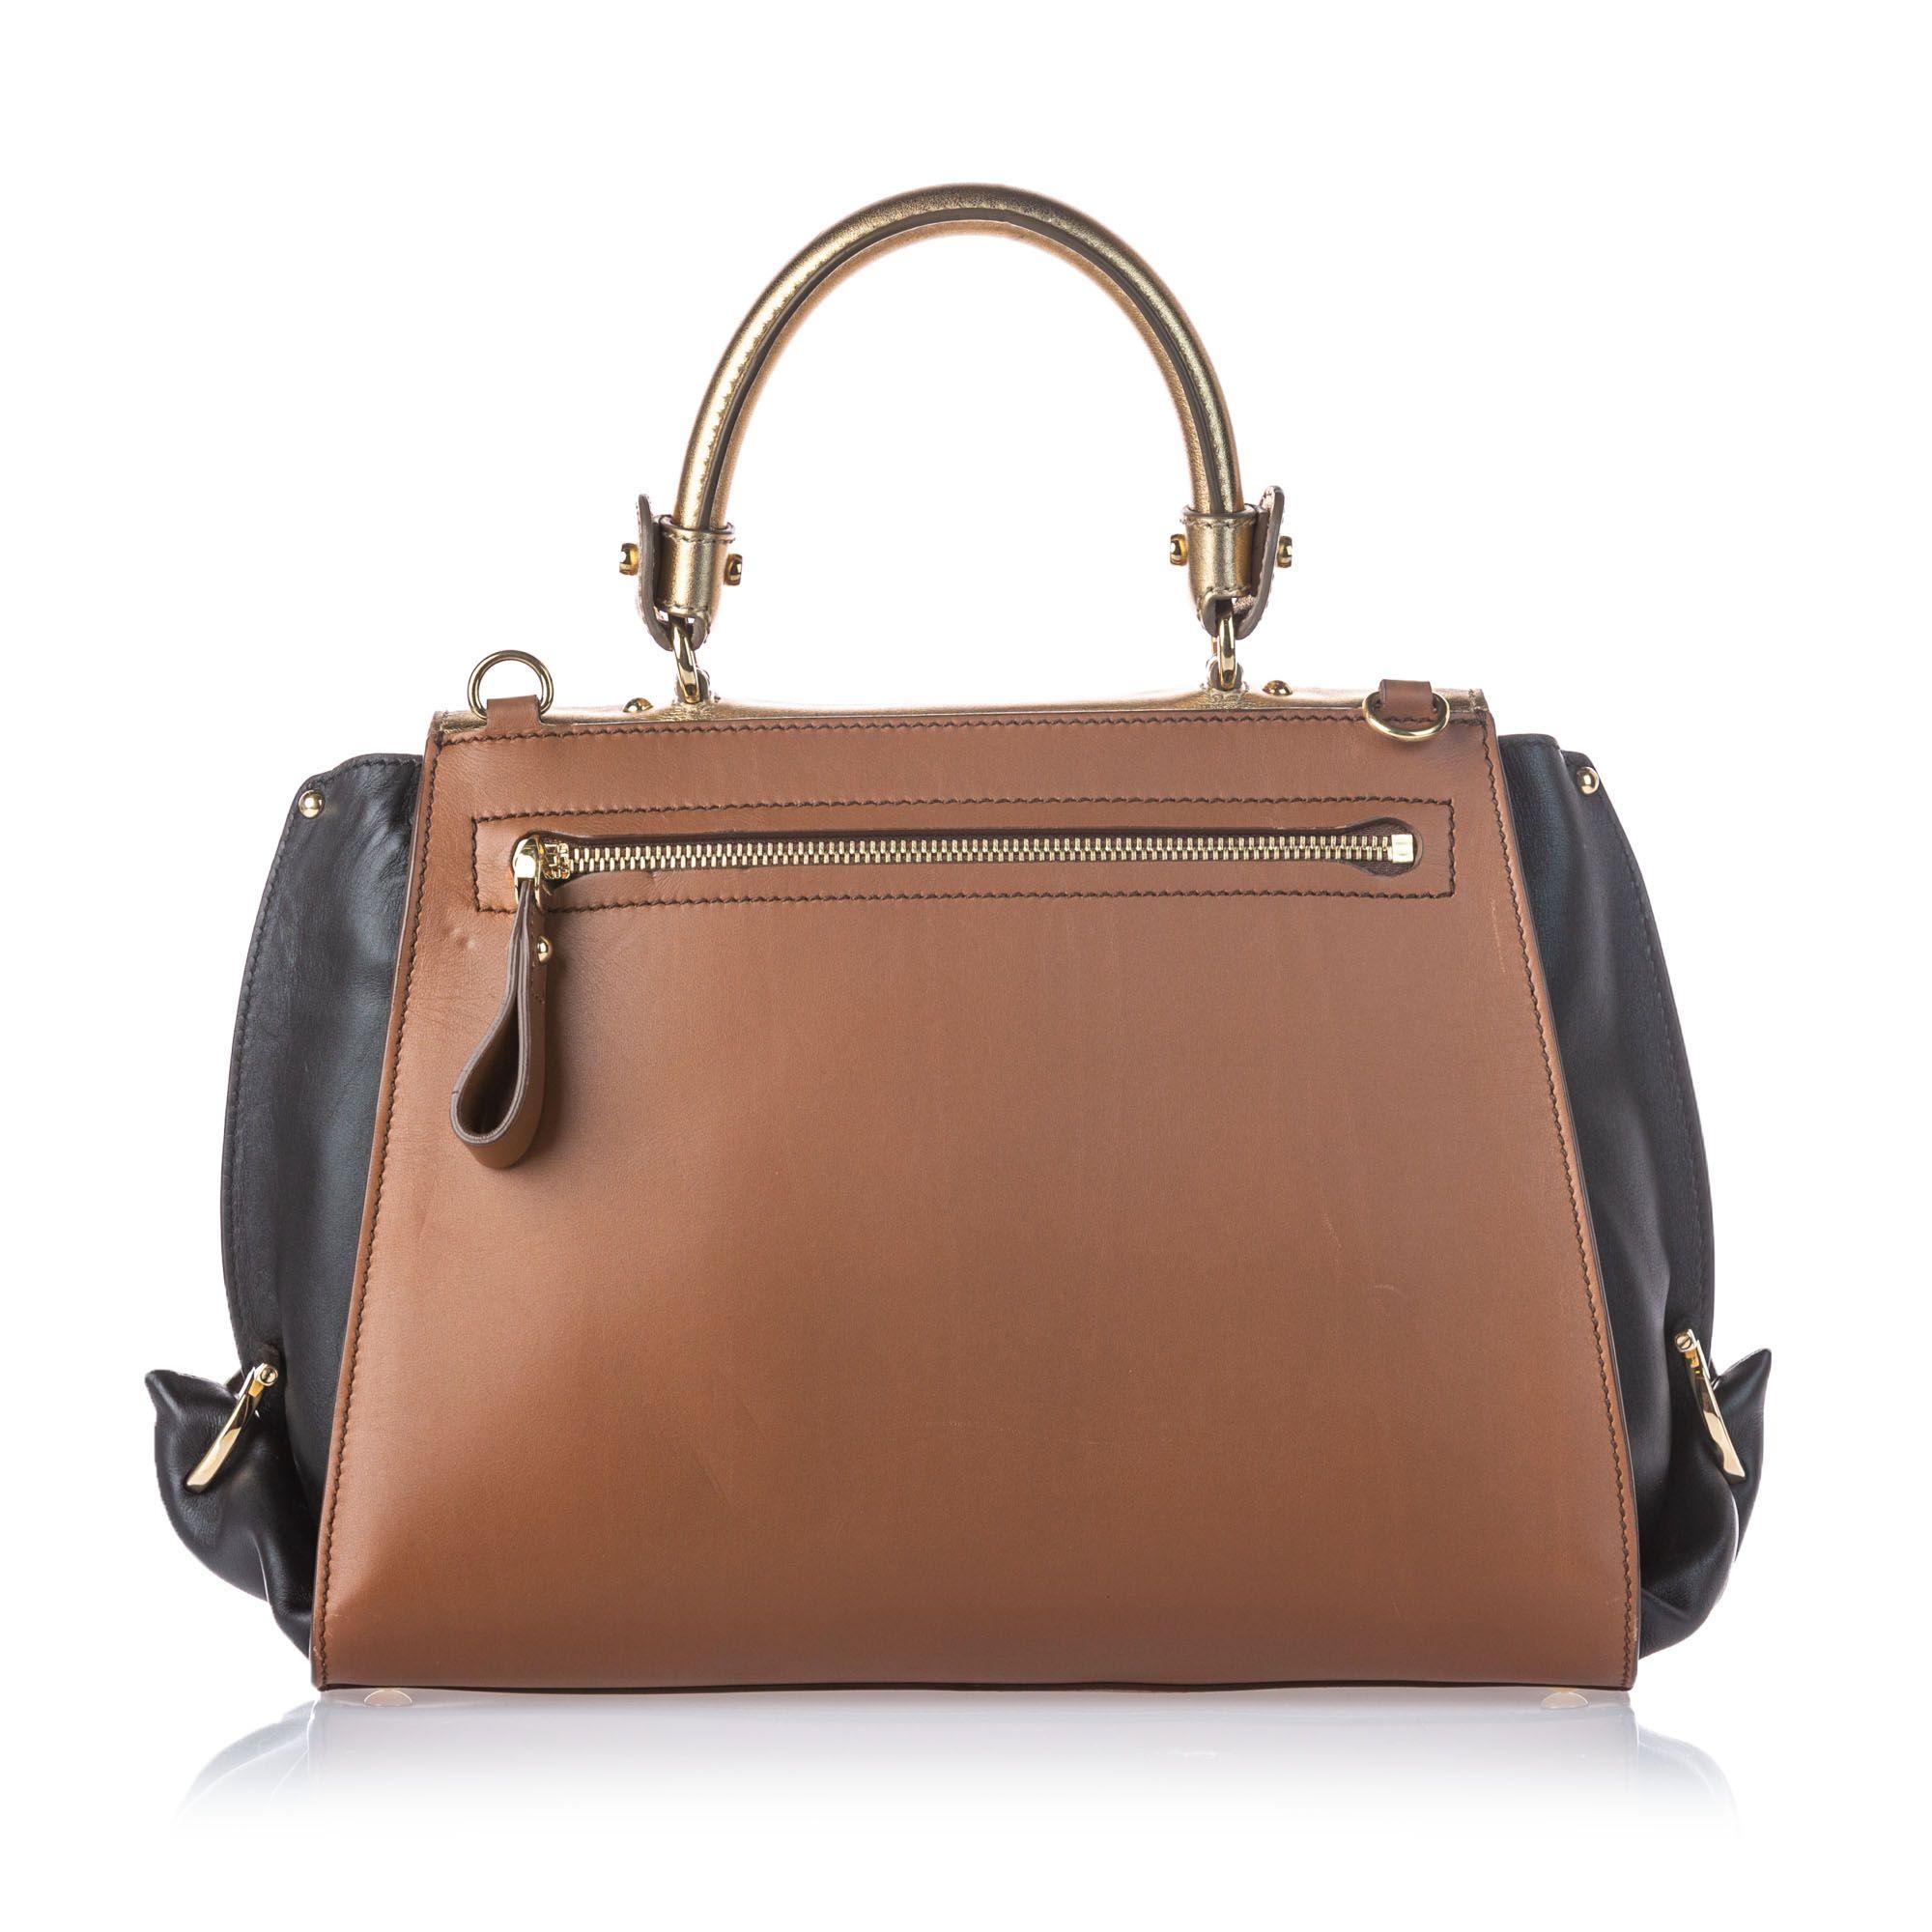 Vintage Ferragamo Tricolor Leather Sofia Satchel Brown